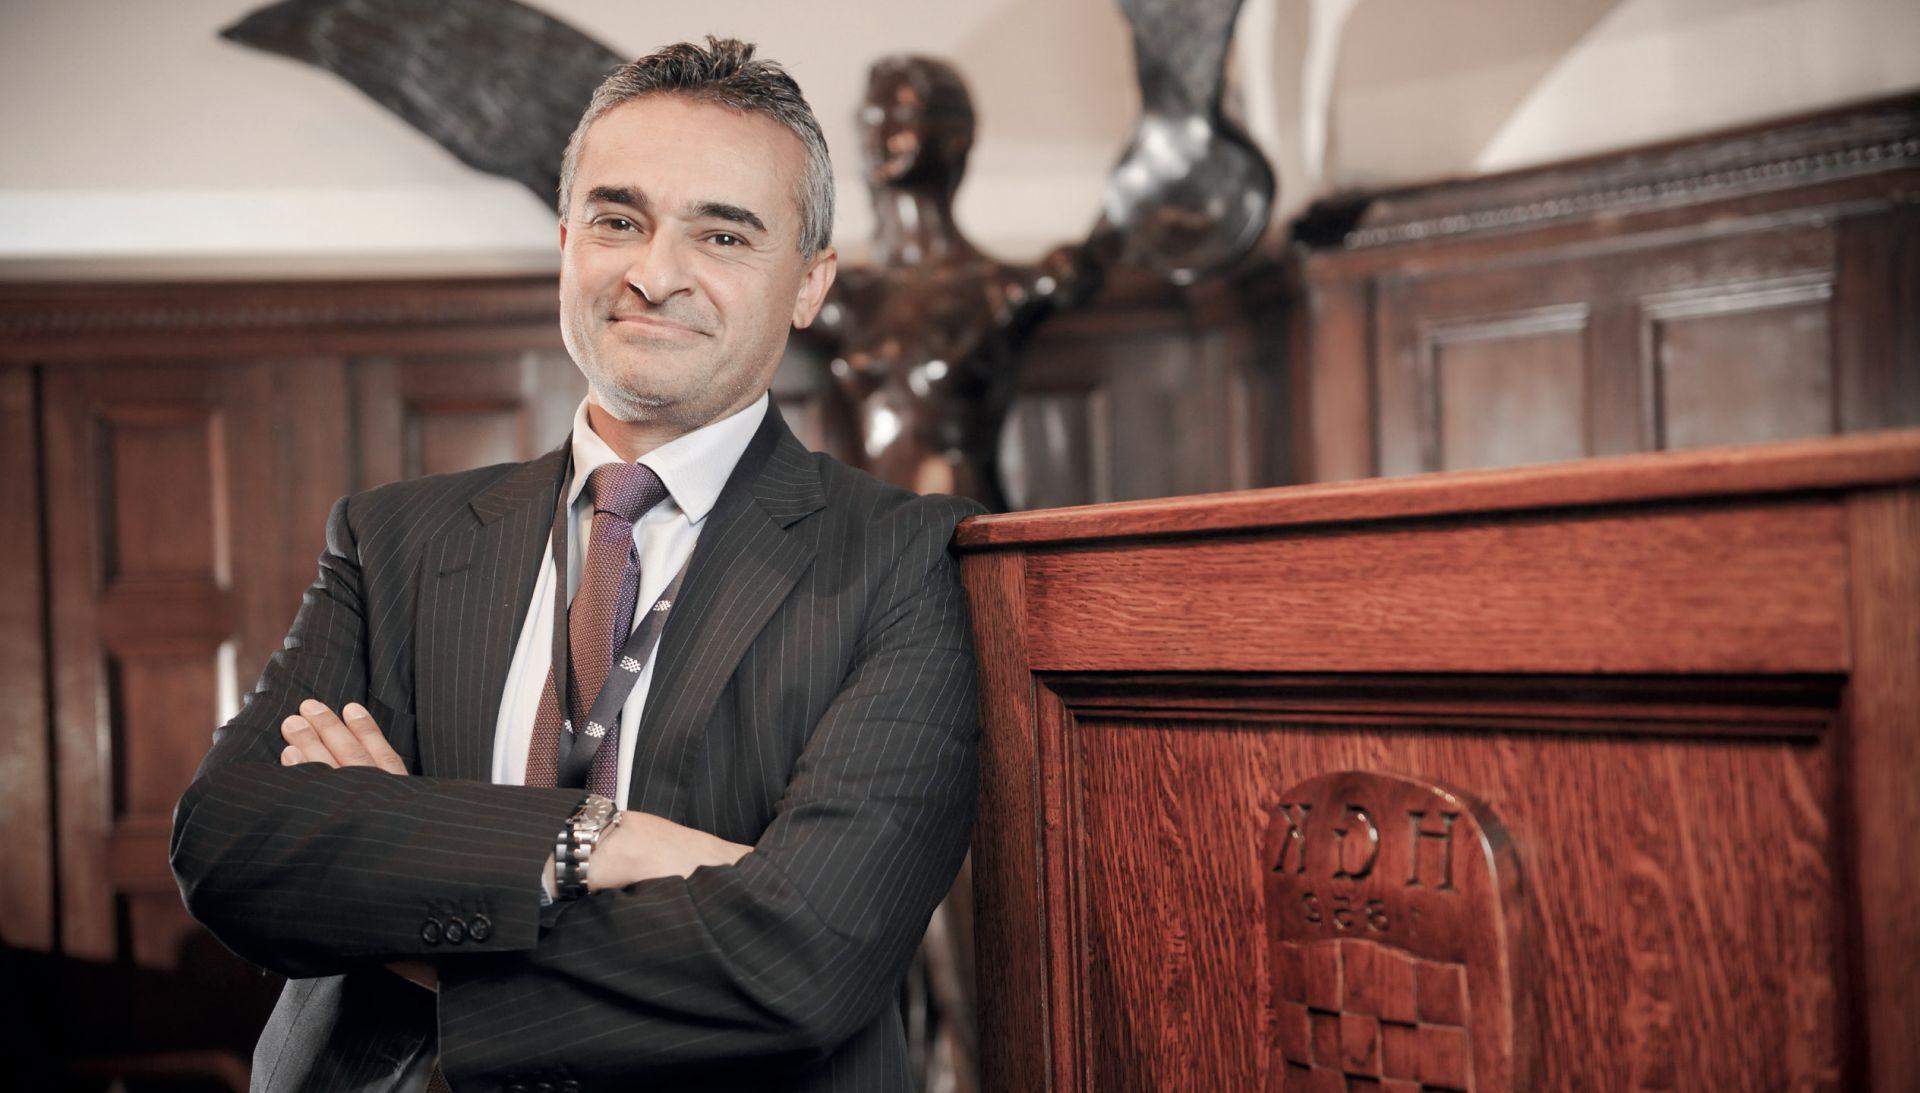 INTERVIEW: SIRSHAR QURESHI 'Hrvatsko-slovenska arbitraža bacila je sumnju na integritet arbitara i vruća je međunarodna tema'